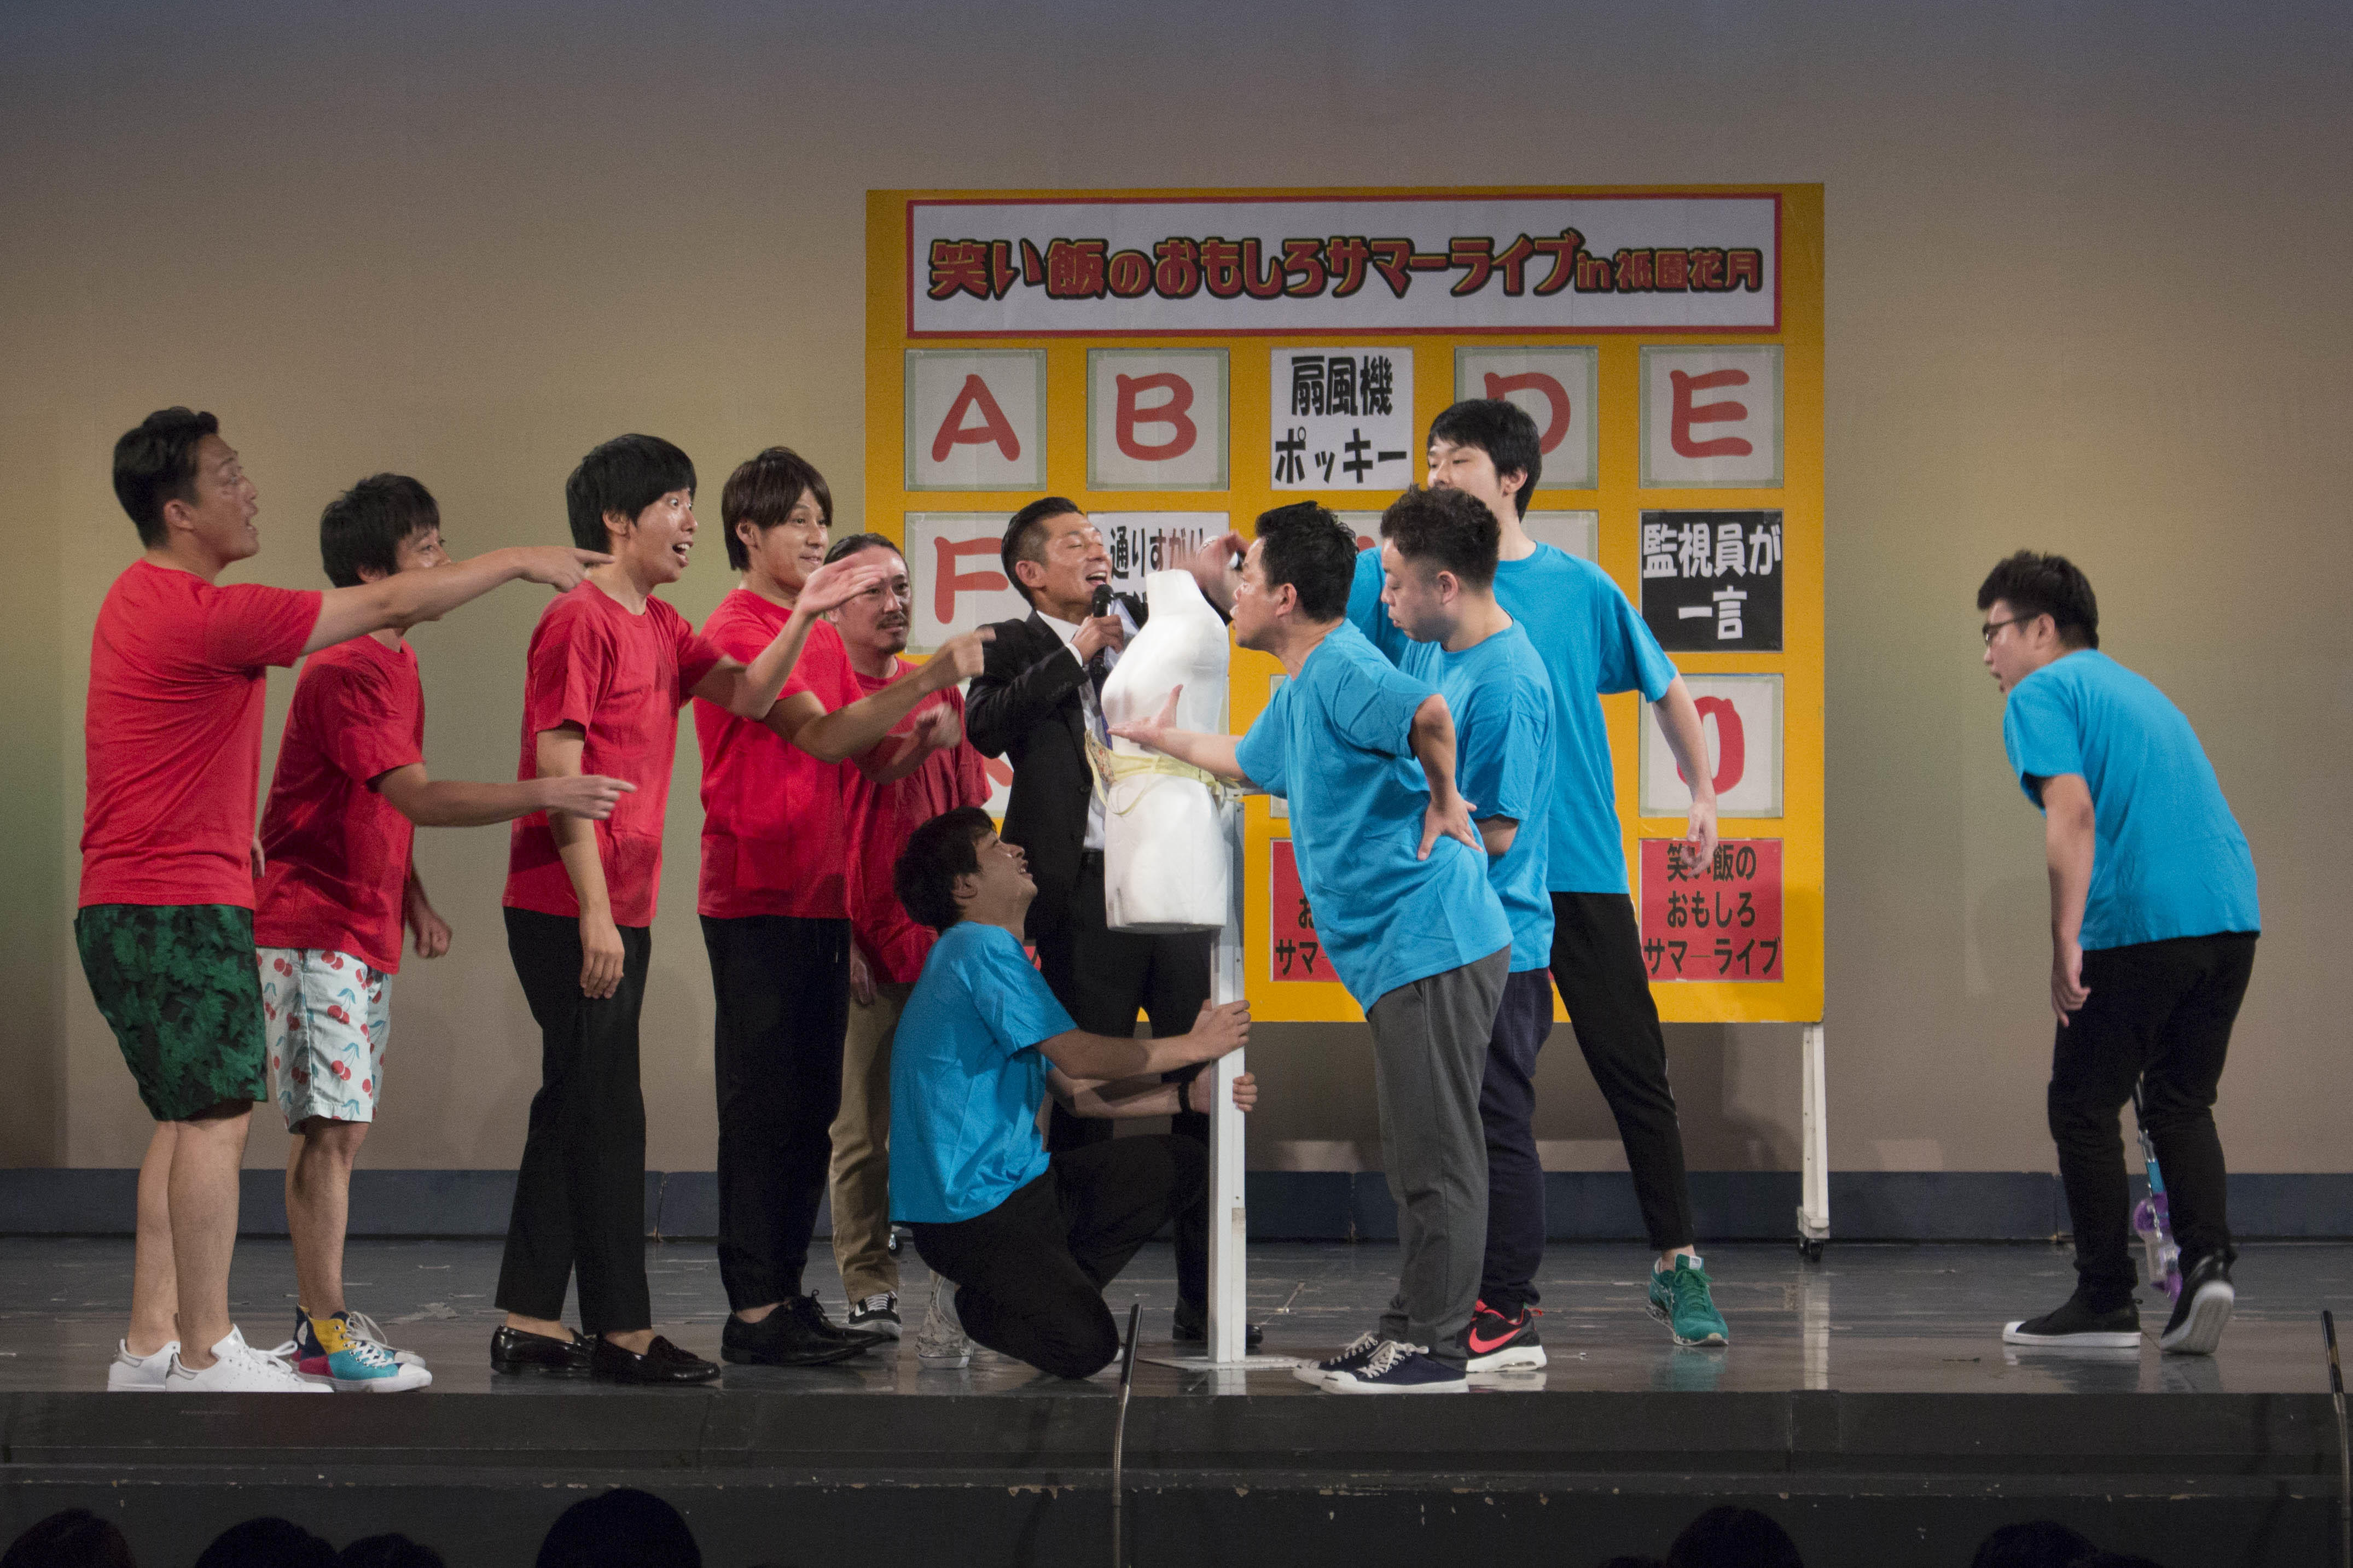 http://news.yoshimoto.co.jp/20180715063531-cd2b76251b8e8f94fc47b9dd854601ebb2d219fc.jpg